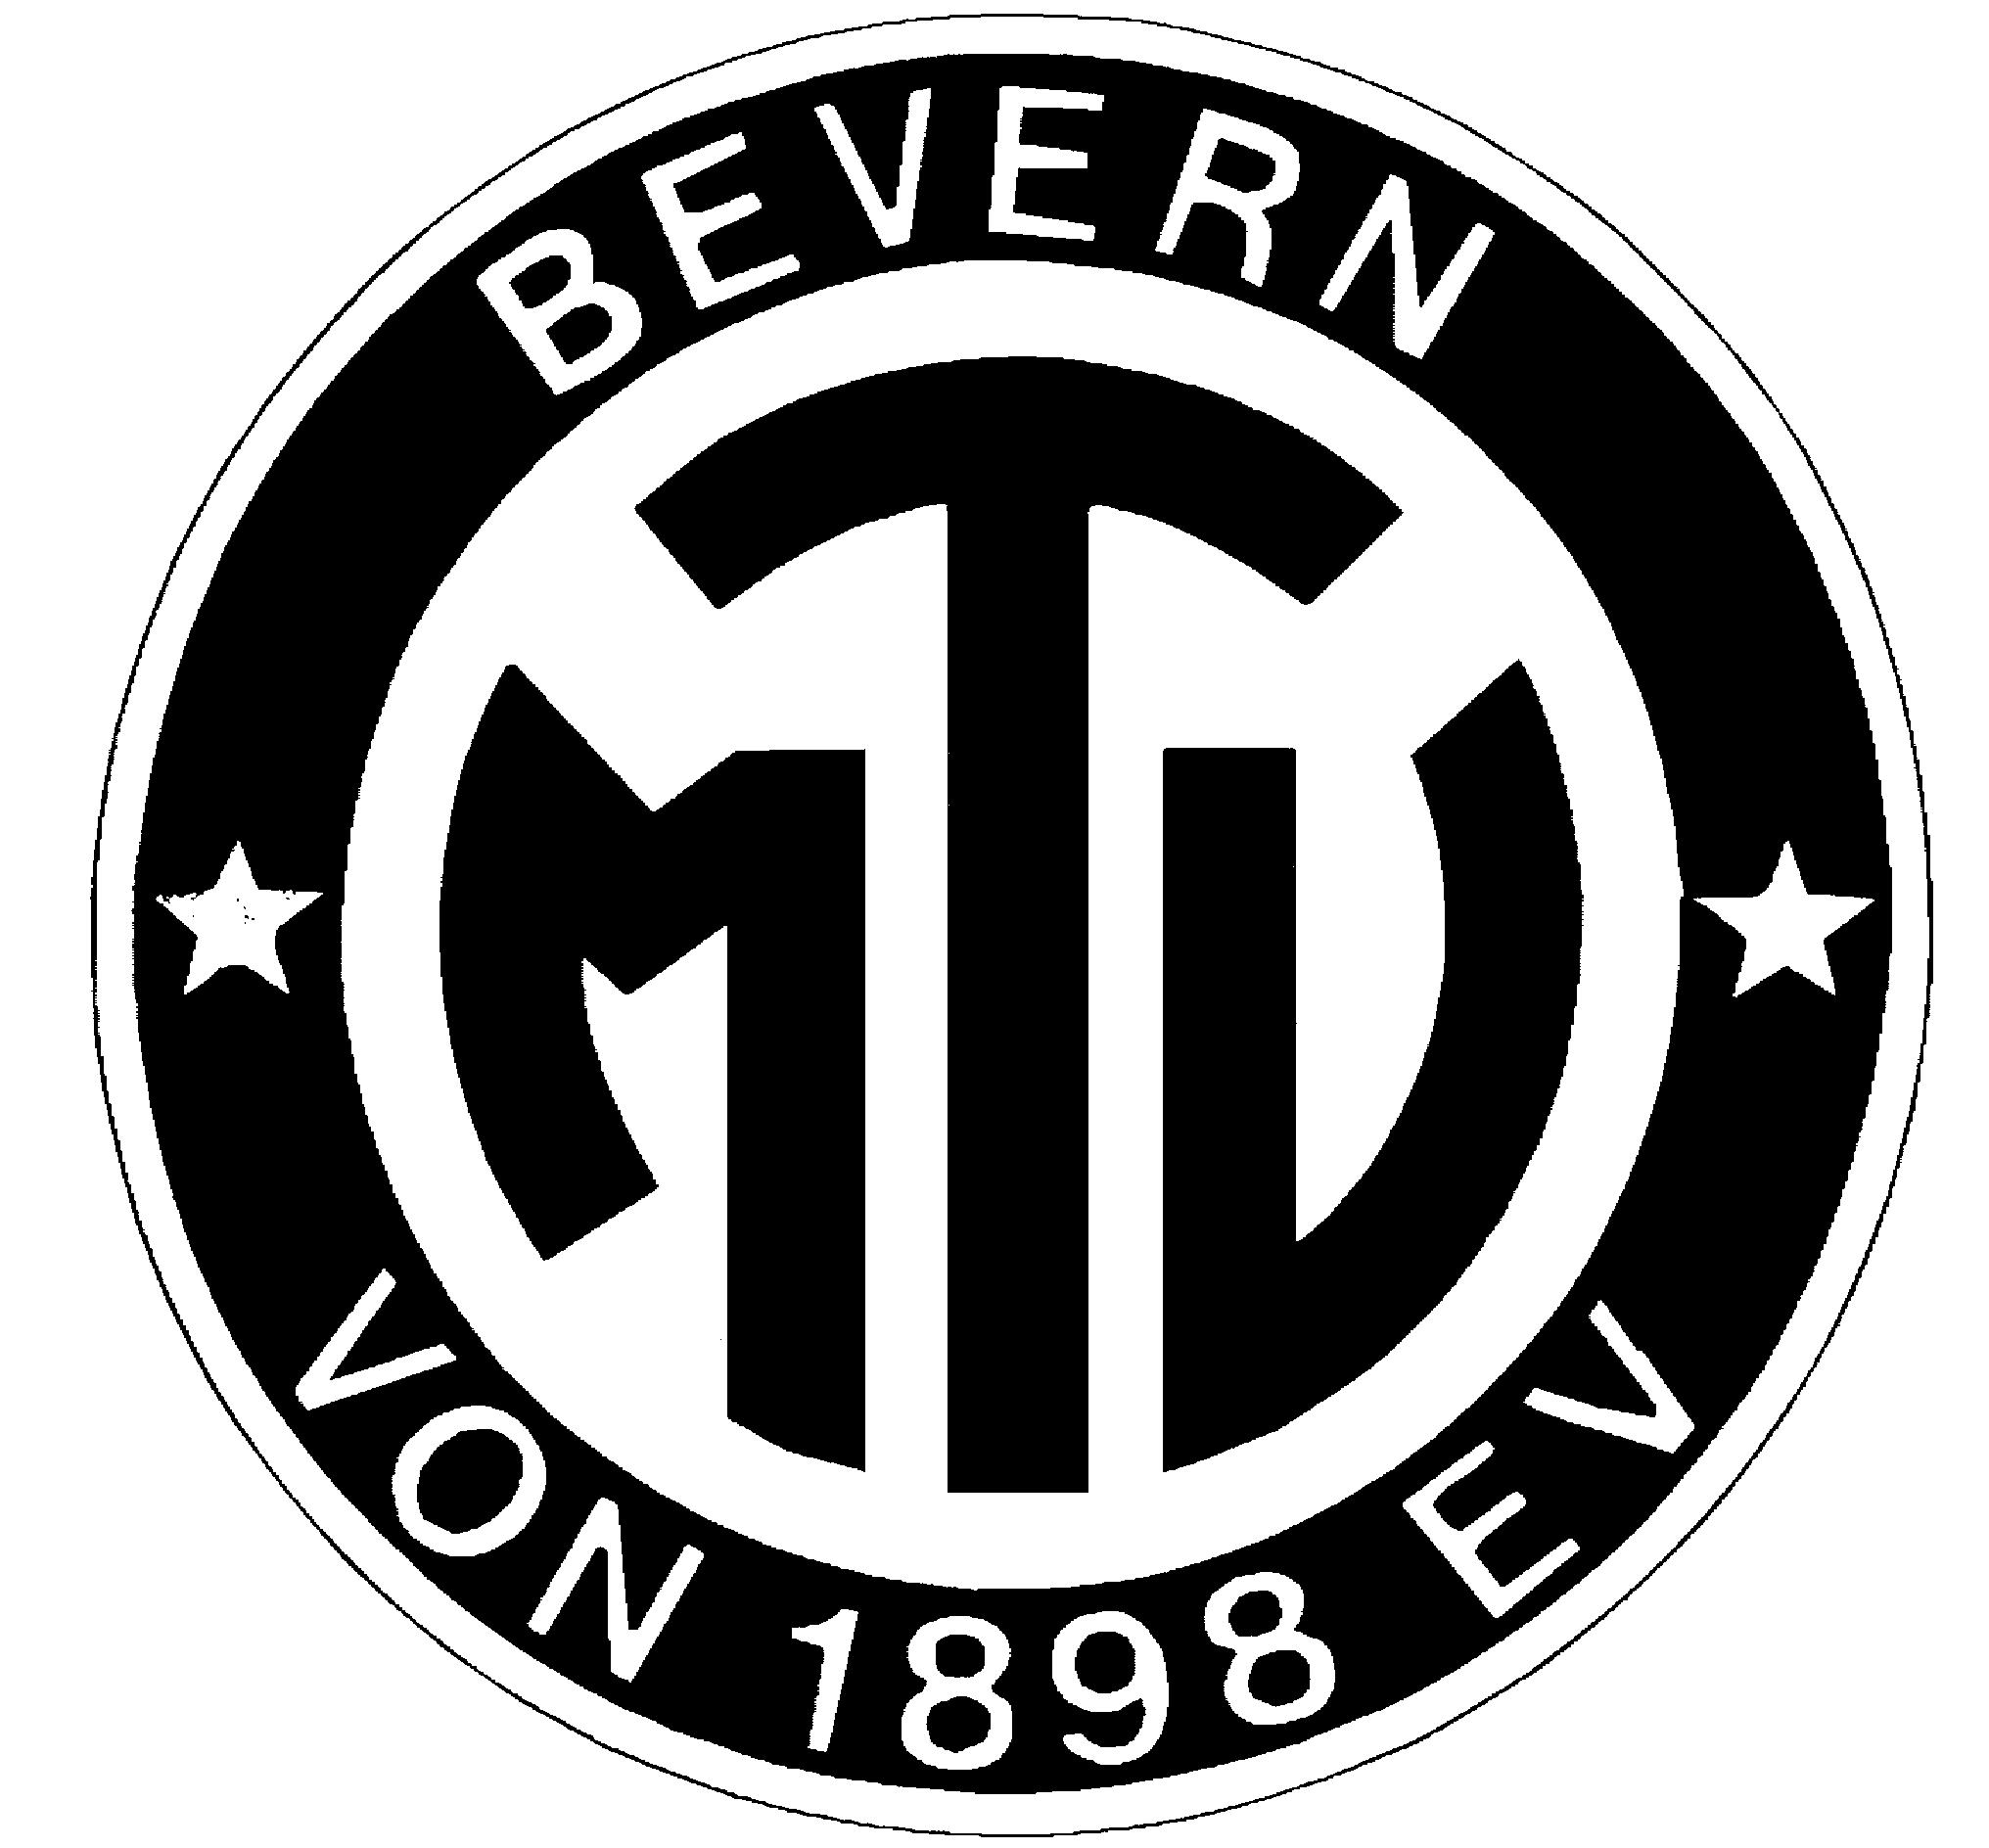 MTV Bevern von 1898 e.V.